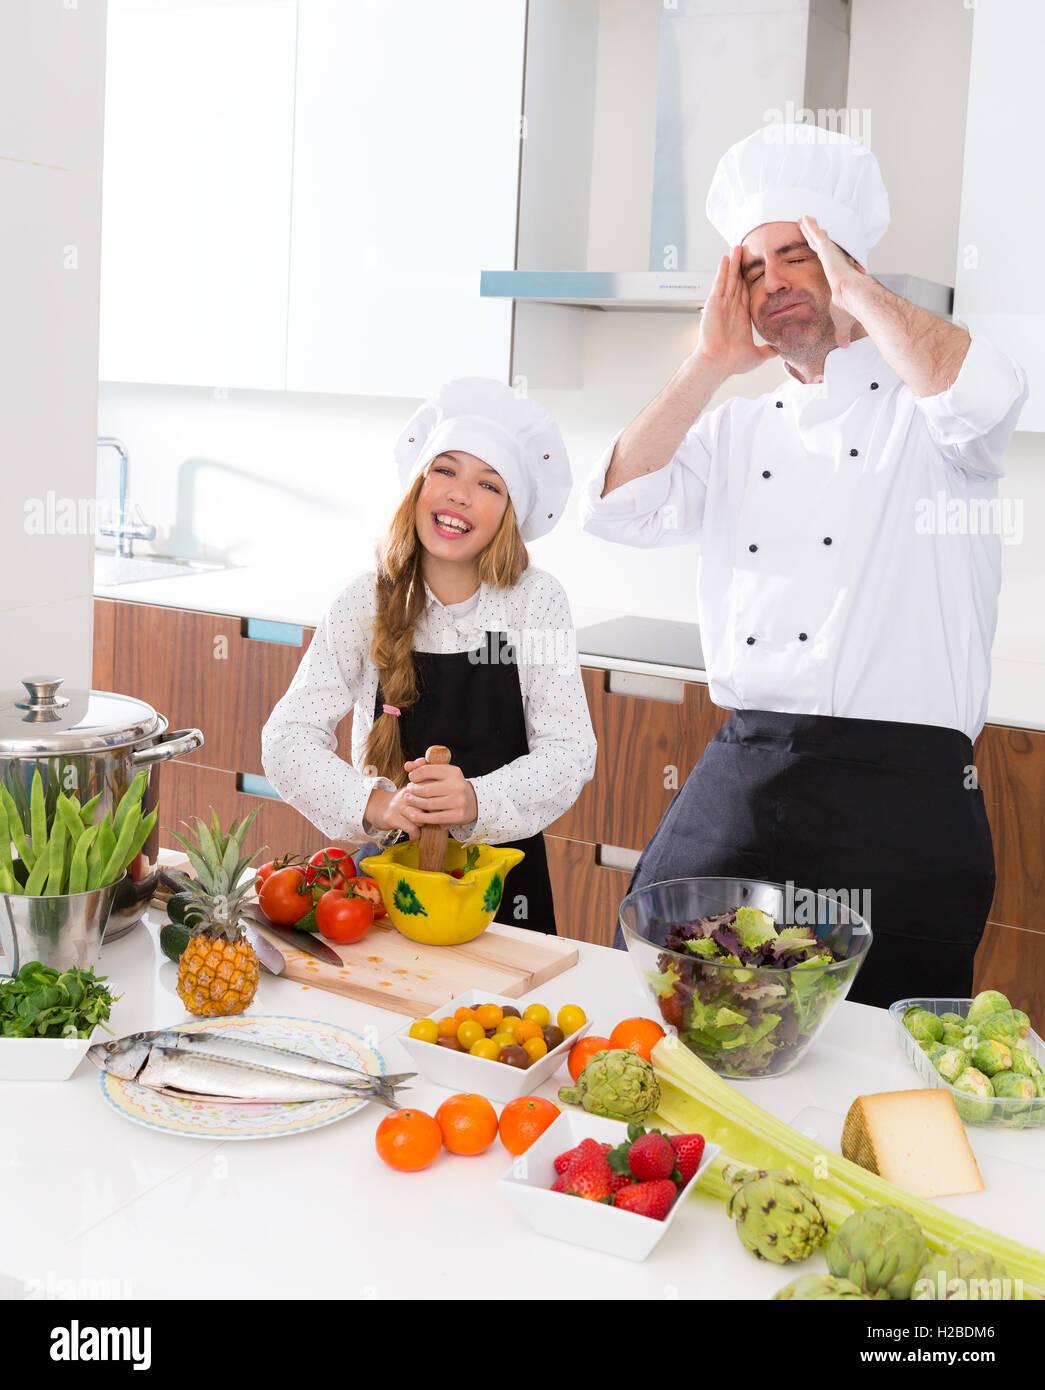 Schön Meister Koch Beste Wahl Lustige Und Junior Kind Mädchen Kochen Schule